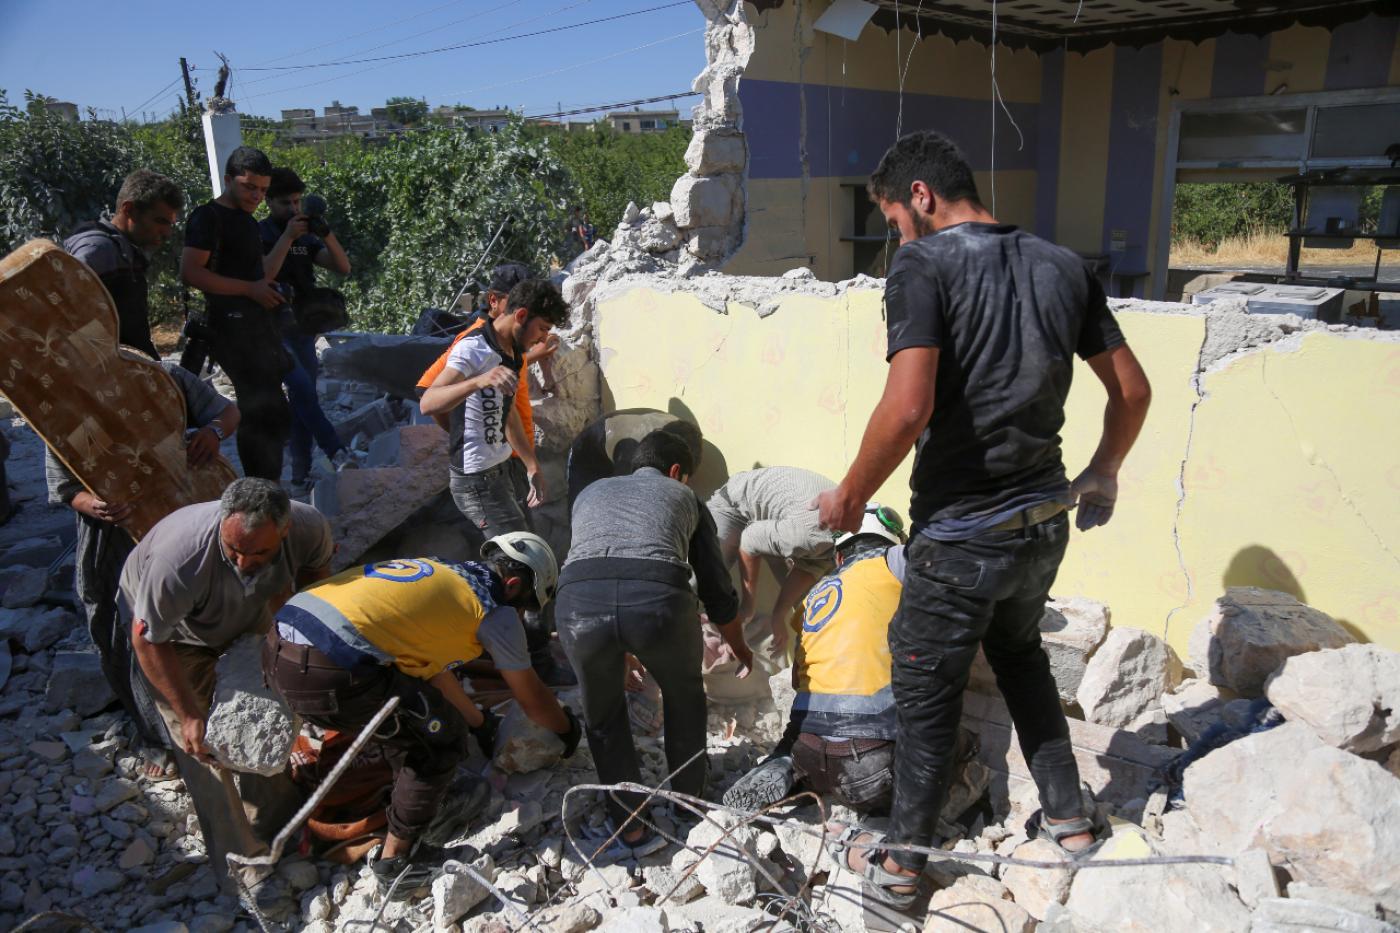 قوات الأسد تقتل تسعة أشخاص في إدلب بينهم ثلاثة أطفال